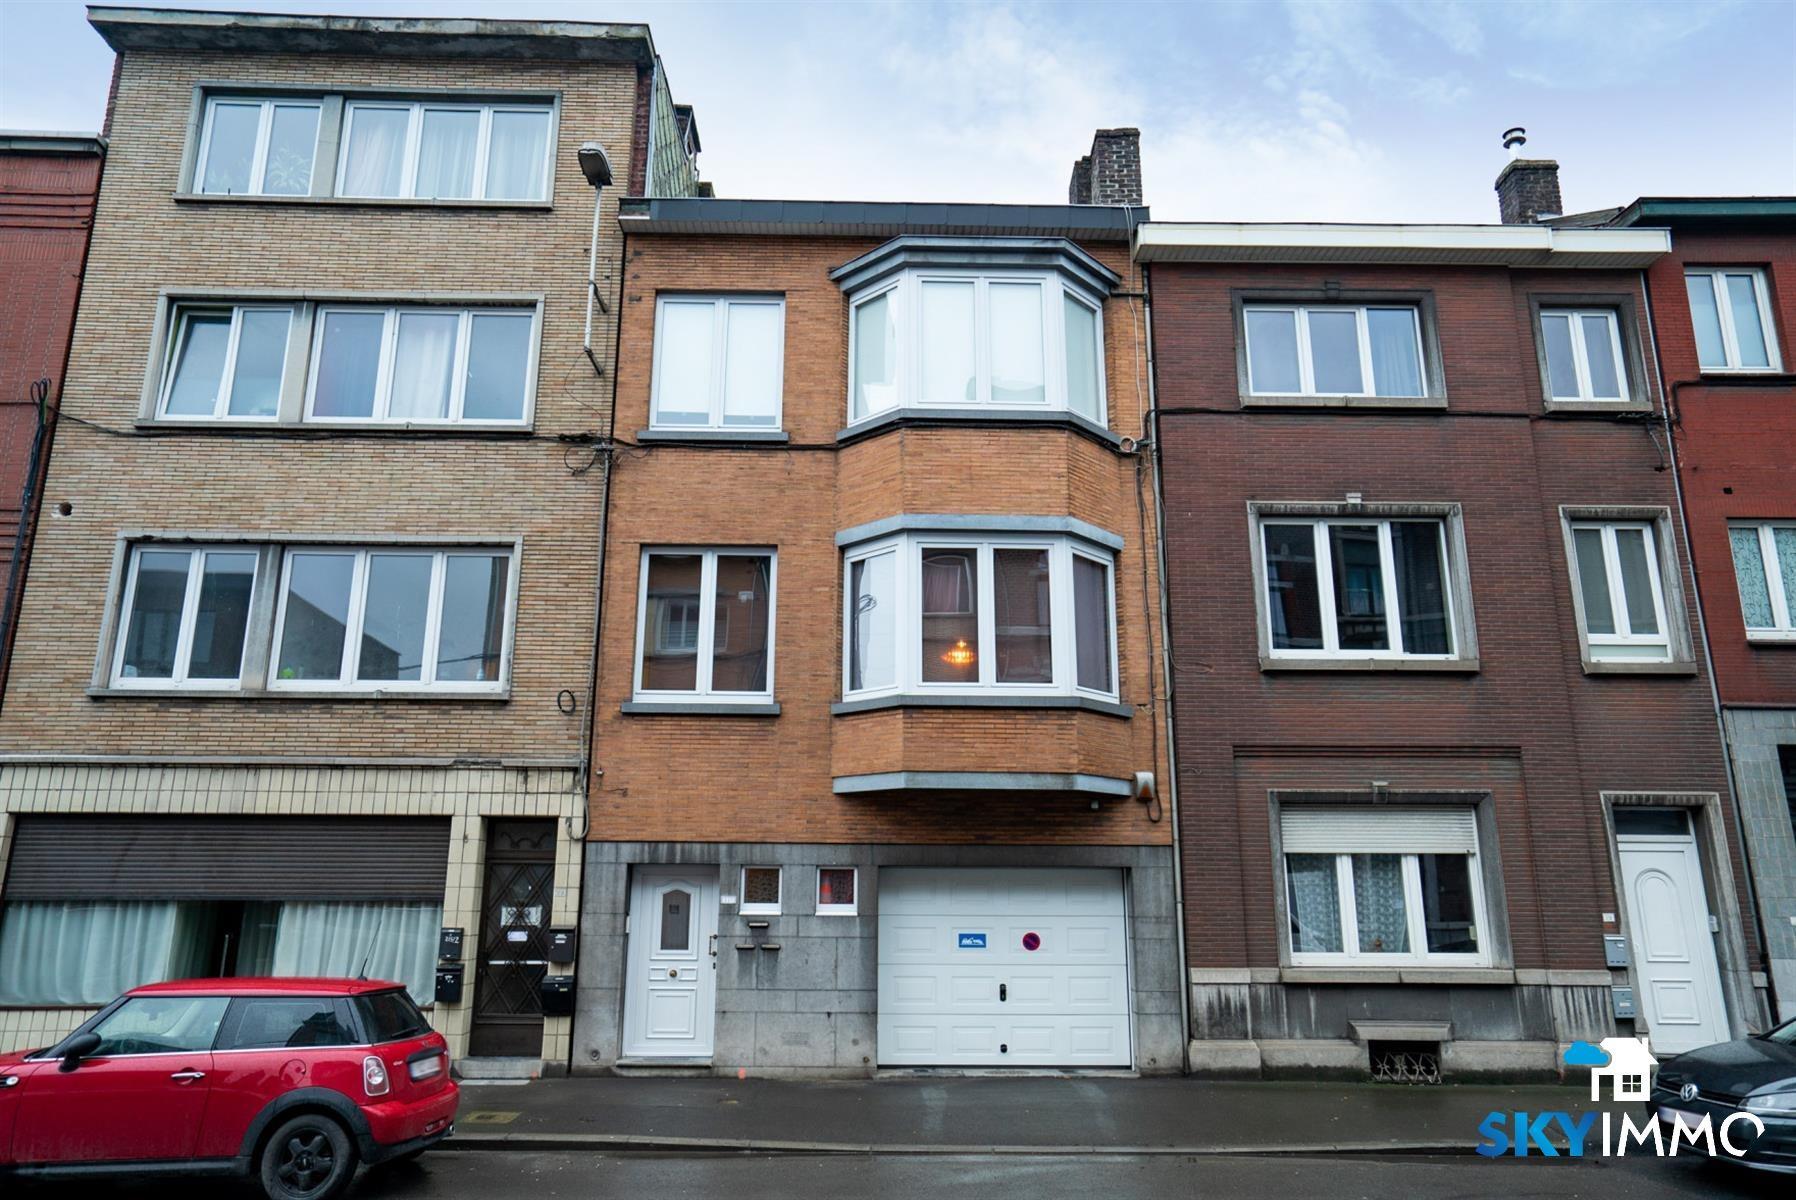 Maison - Liège - #4245744-4